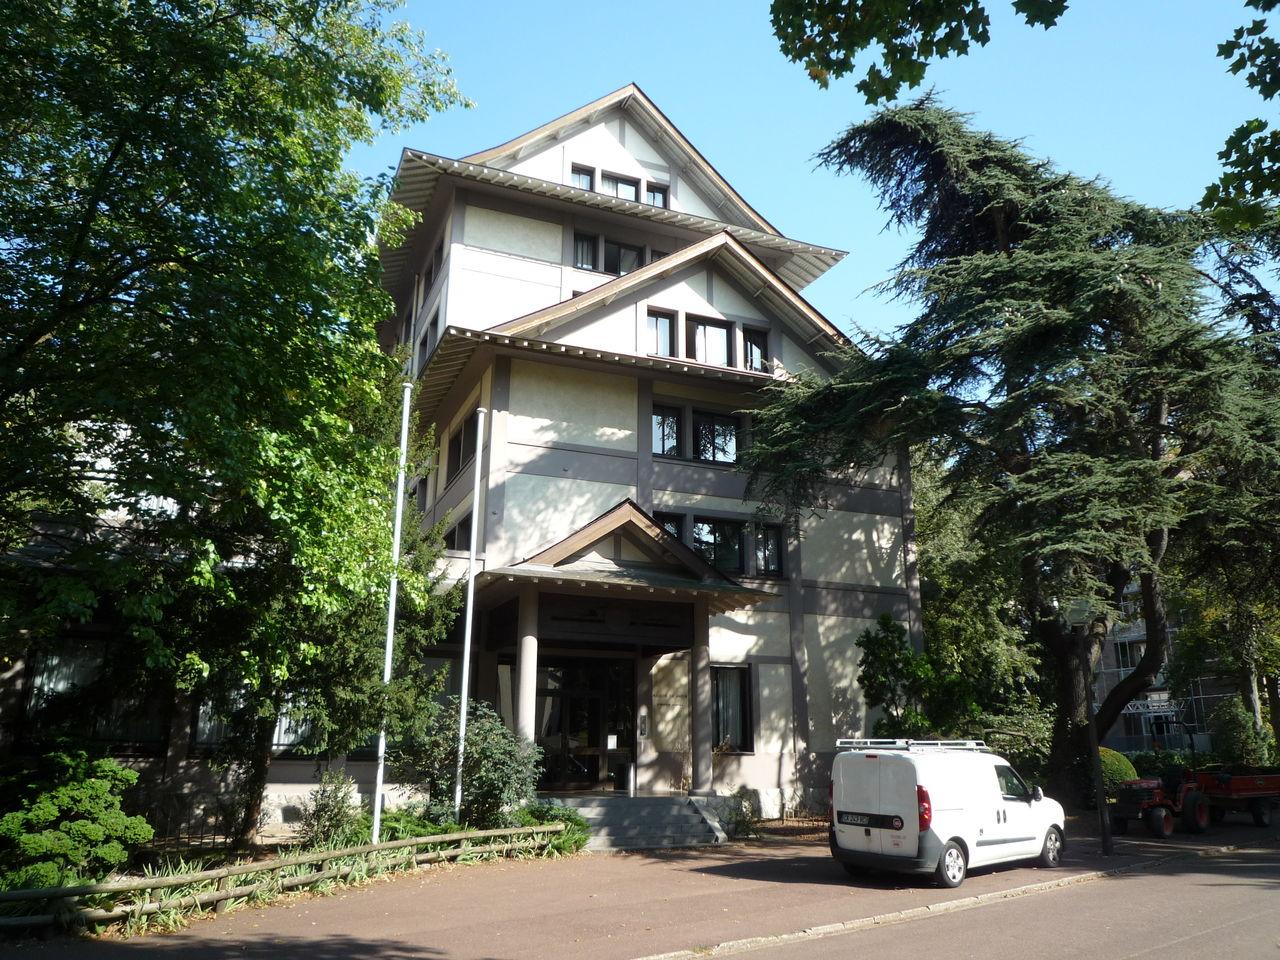 Cit internationale universitaire de paris - Maison du japon a paris ...